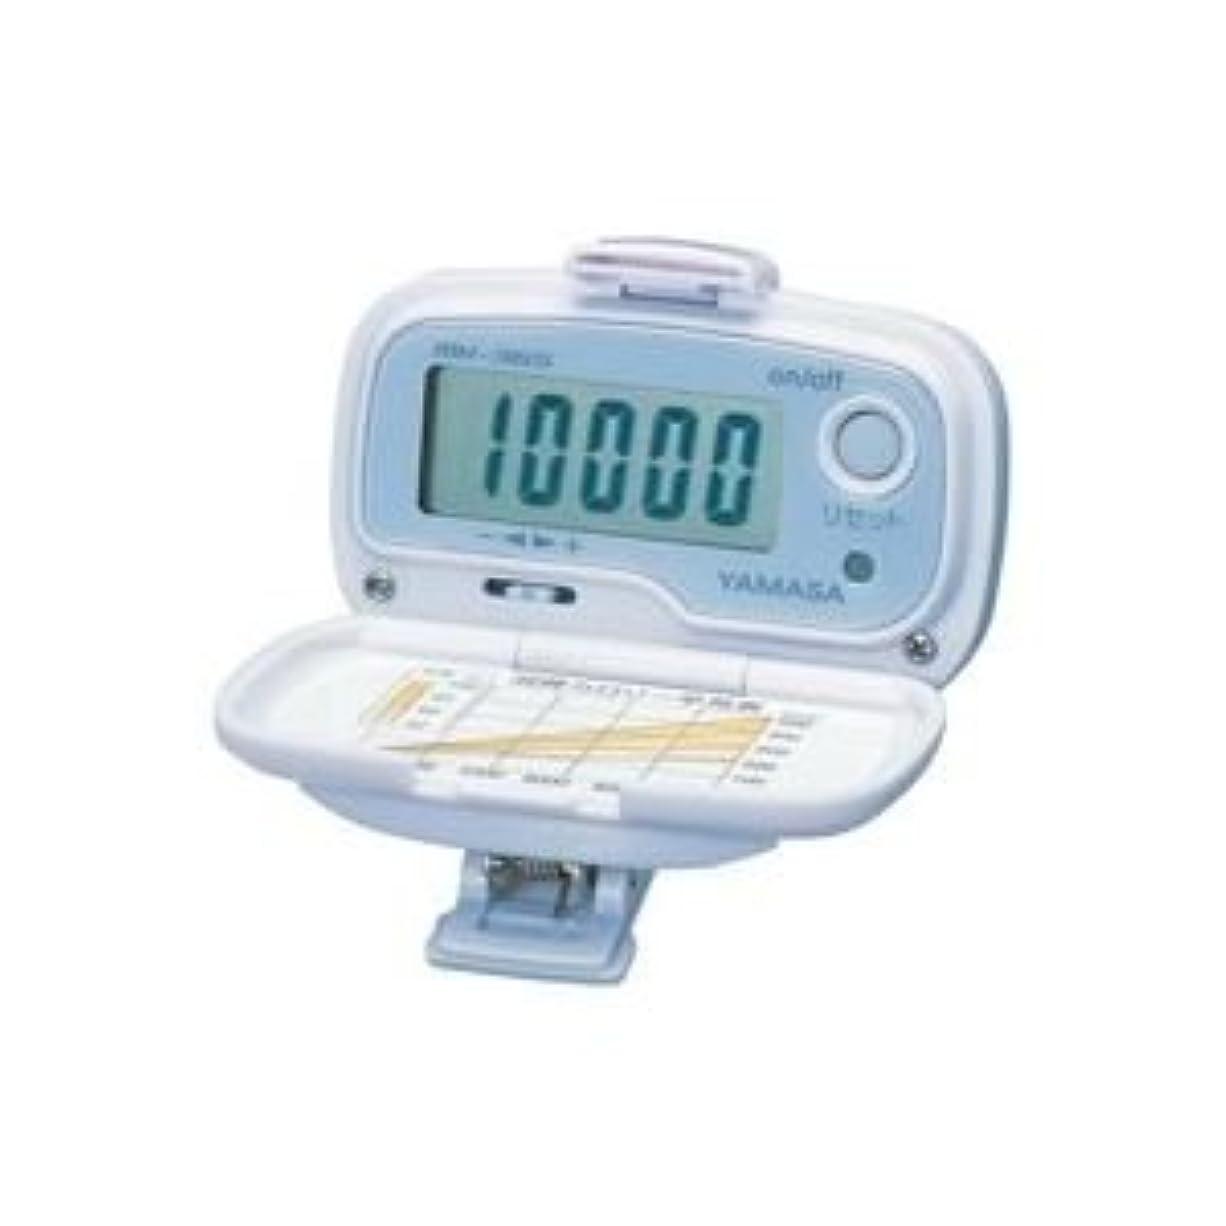 血統生き残りモノグラフ(業務用30セット) 山佐時計計器 万歩計 MK-365(LS)